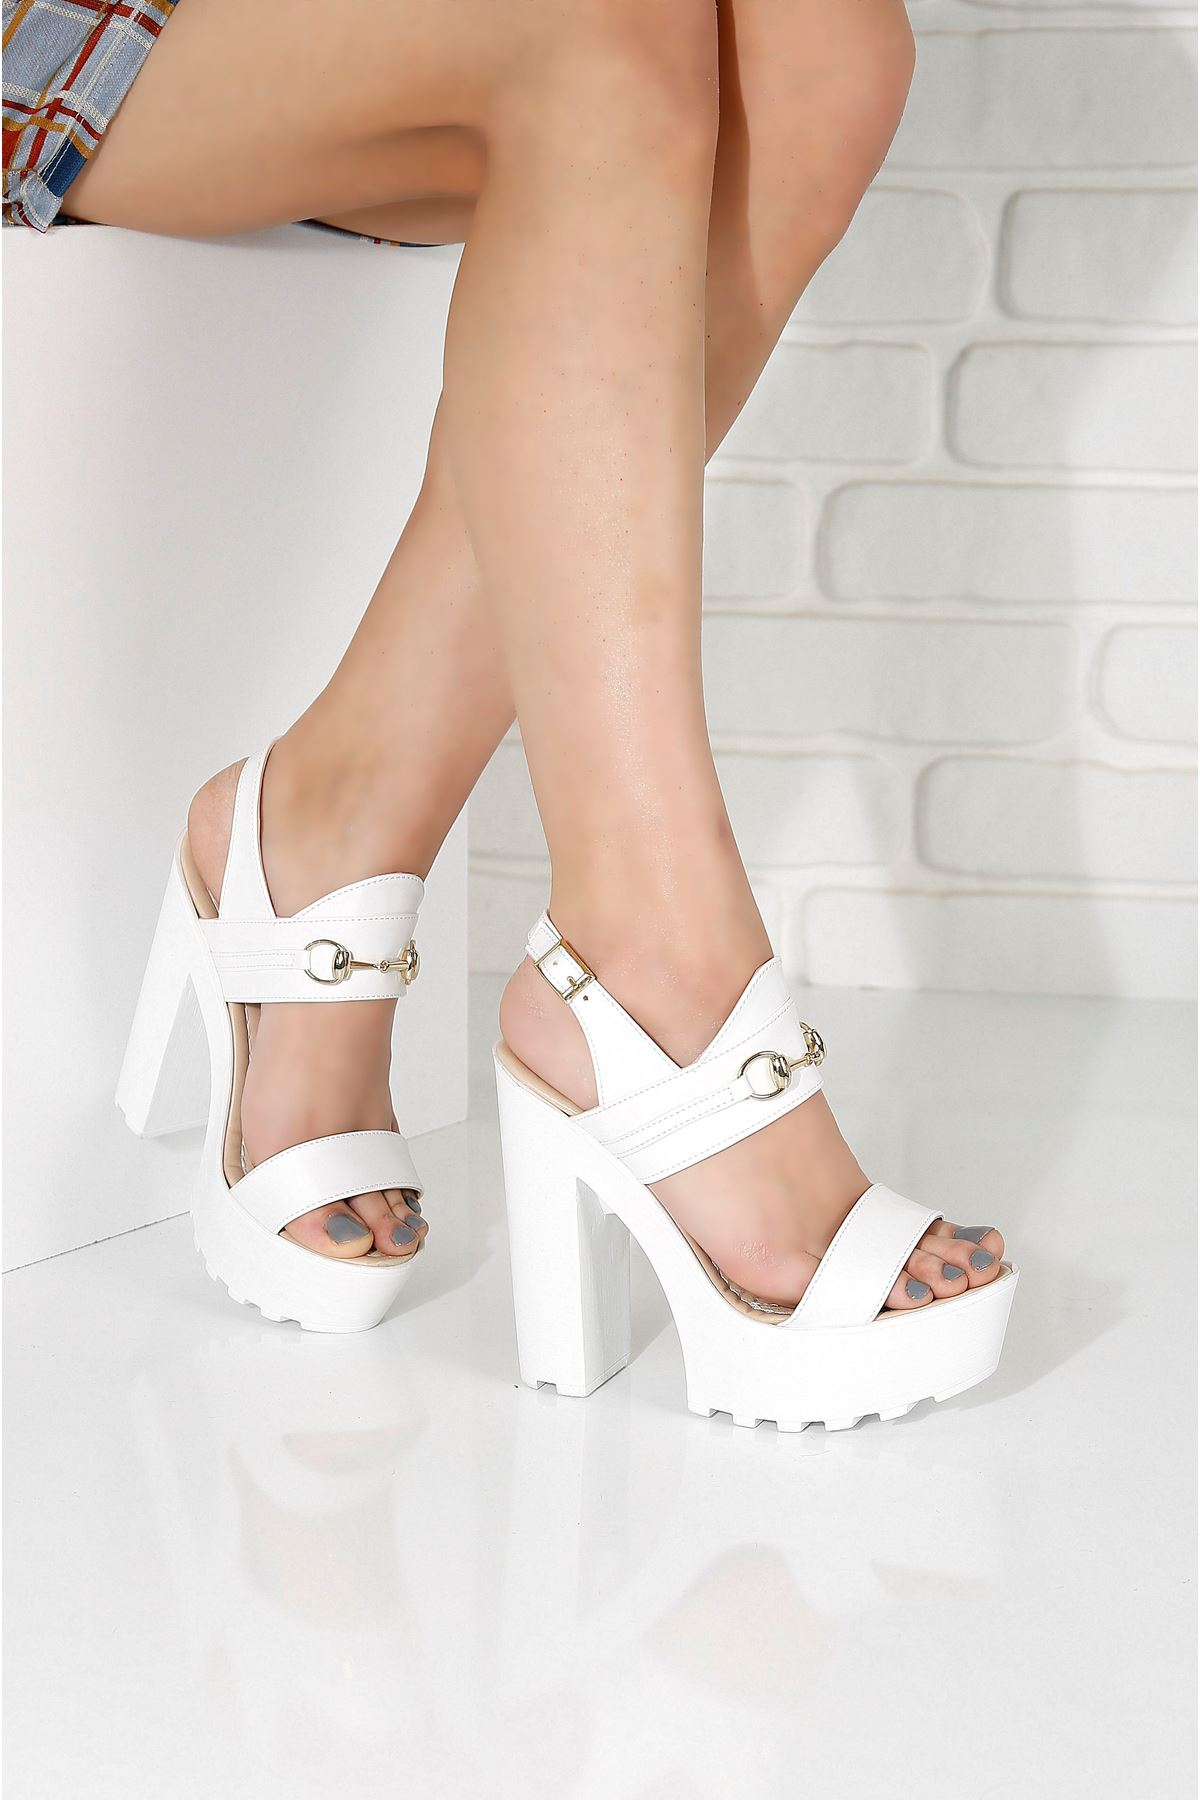 KLEOPATRA Beyaz Topuklu Kadın Ayakkabı